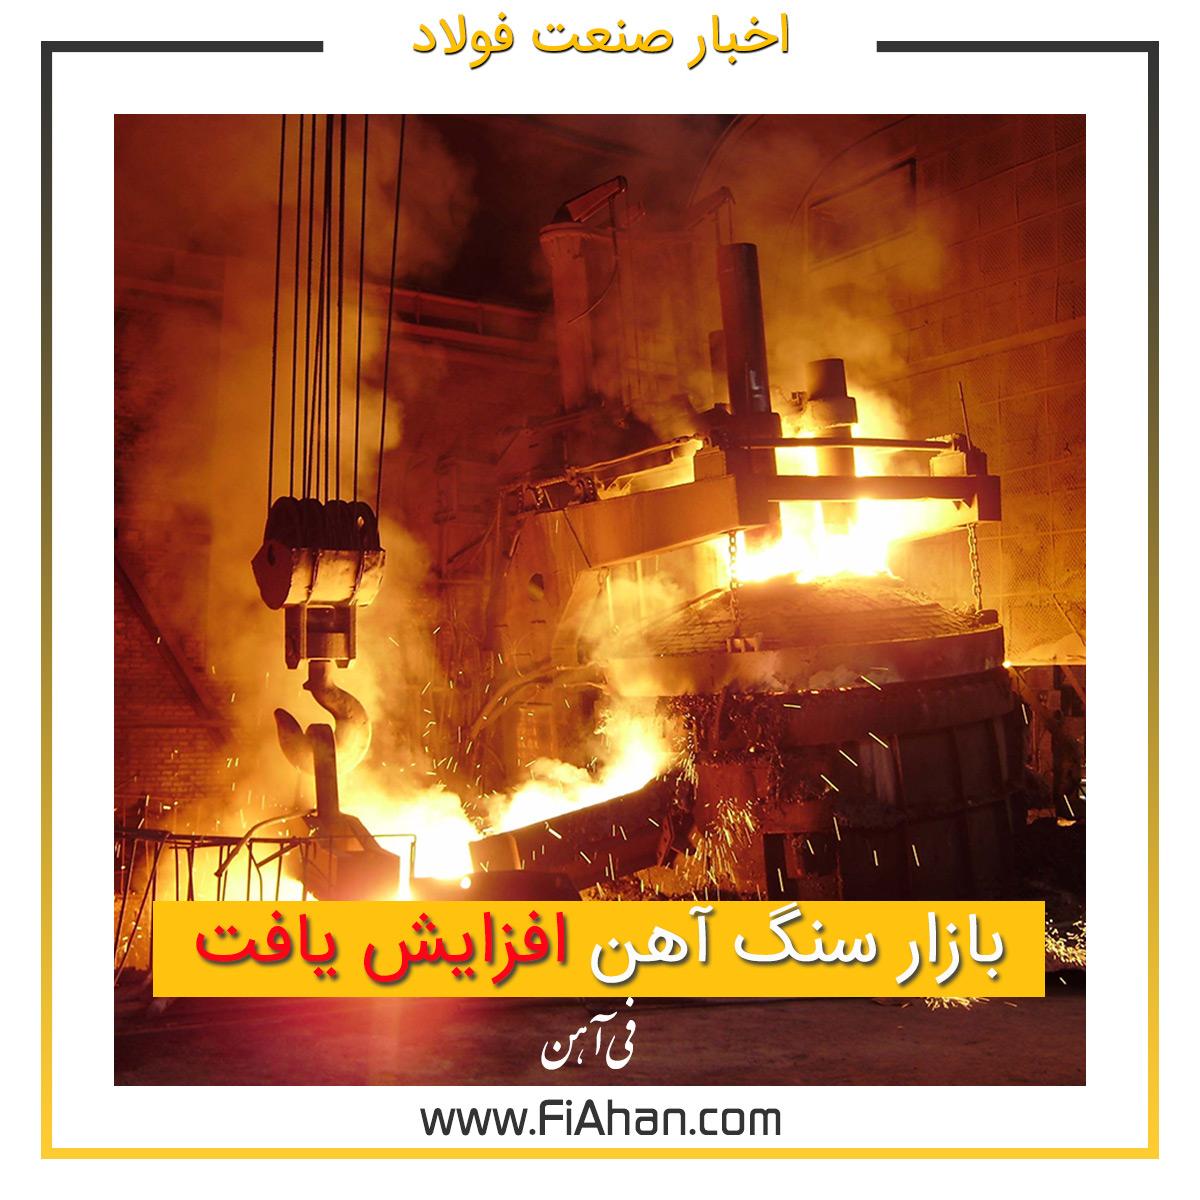 بازار سنگ آهن افزایش یافت